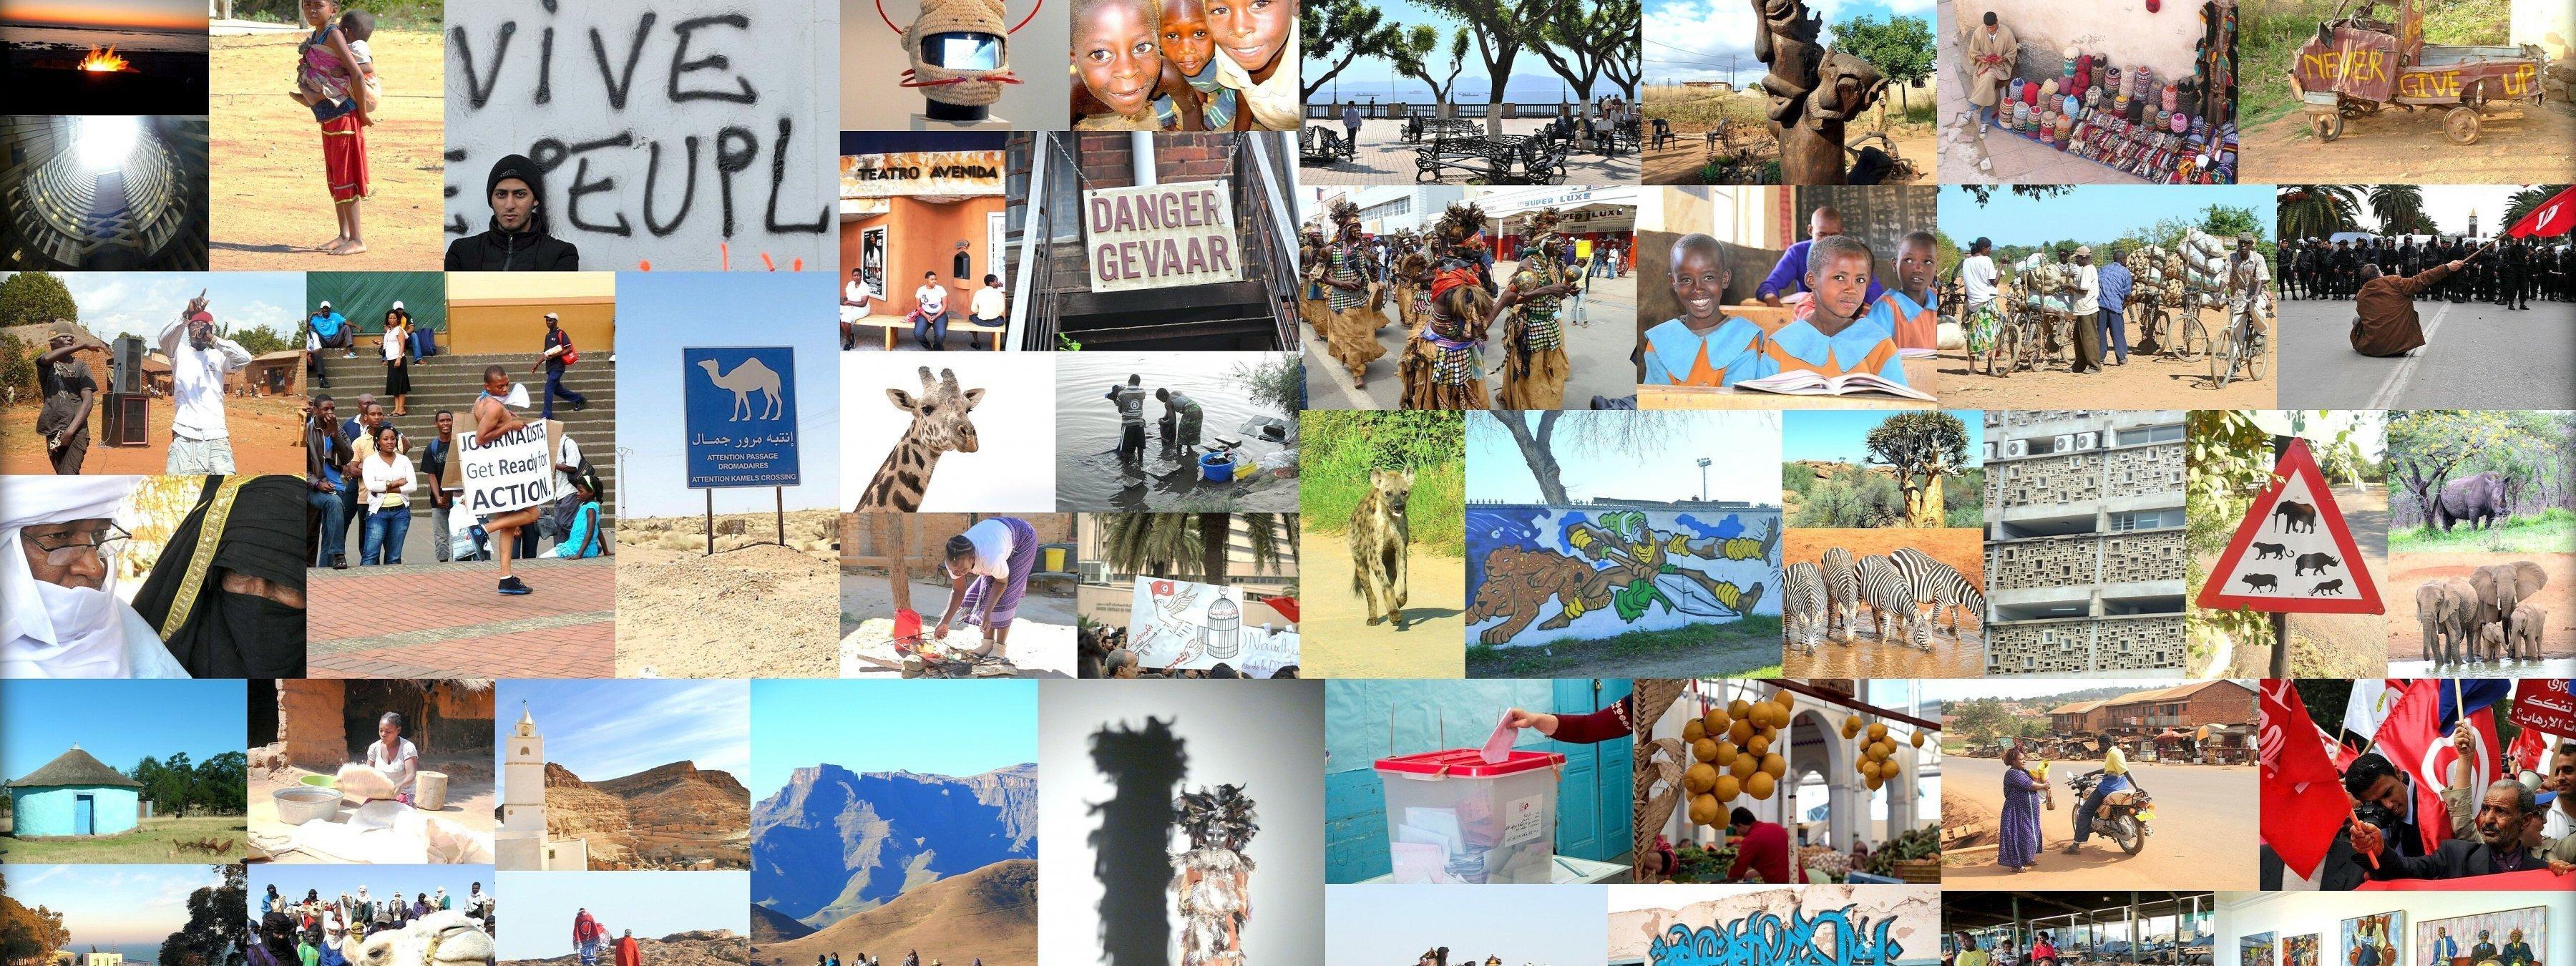 Eine Fotocollage, die die Vielfalt Afrikas widerspiegelt